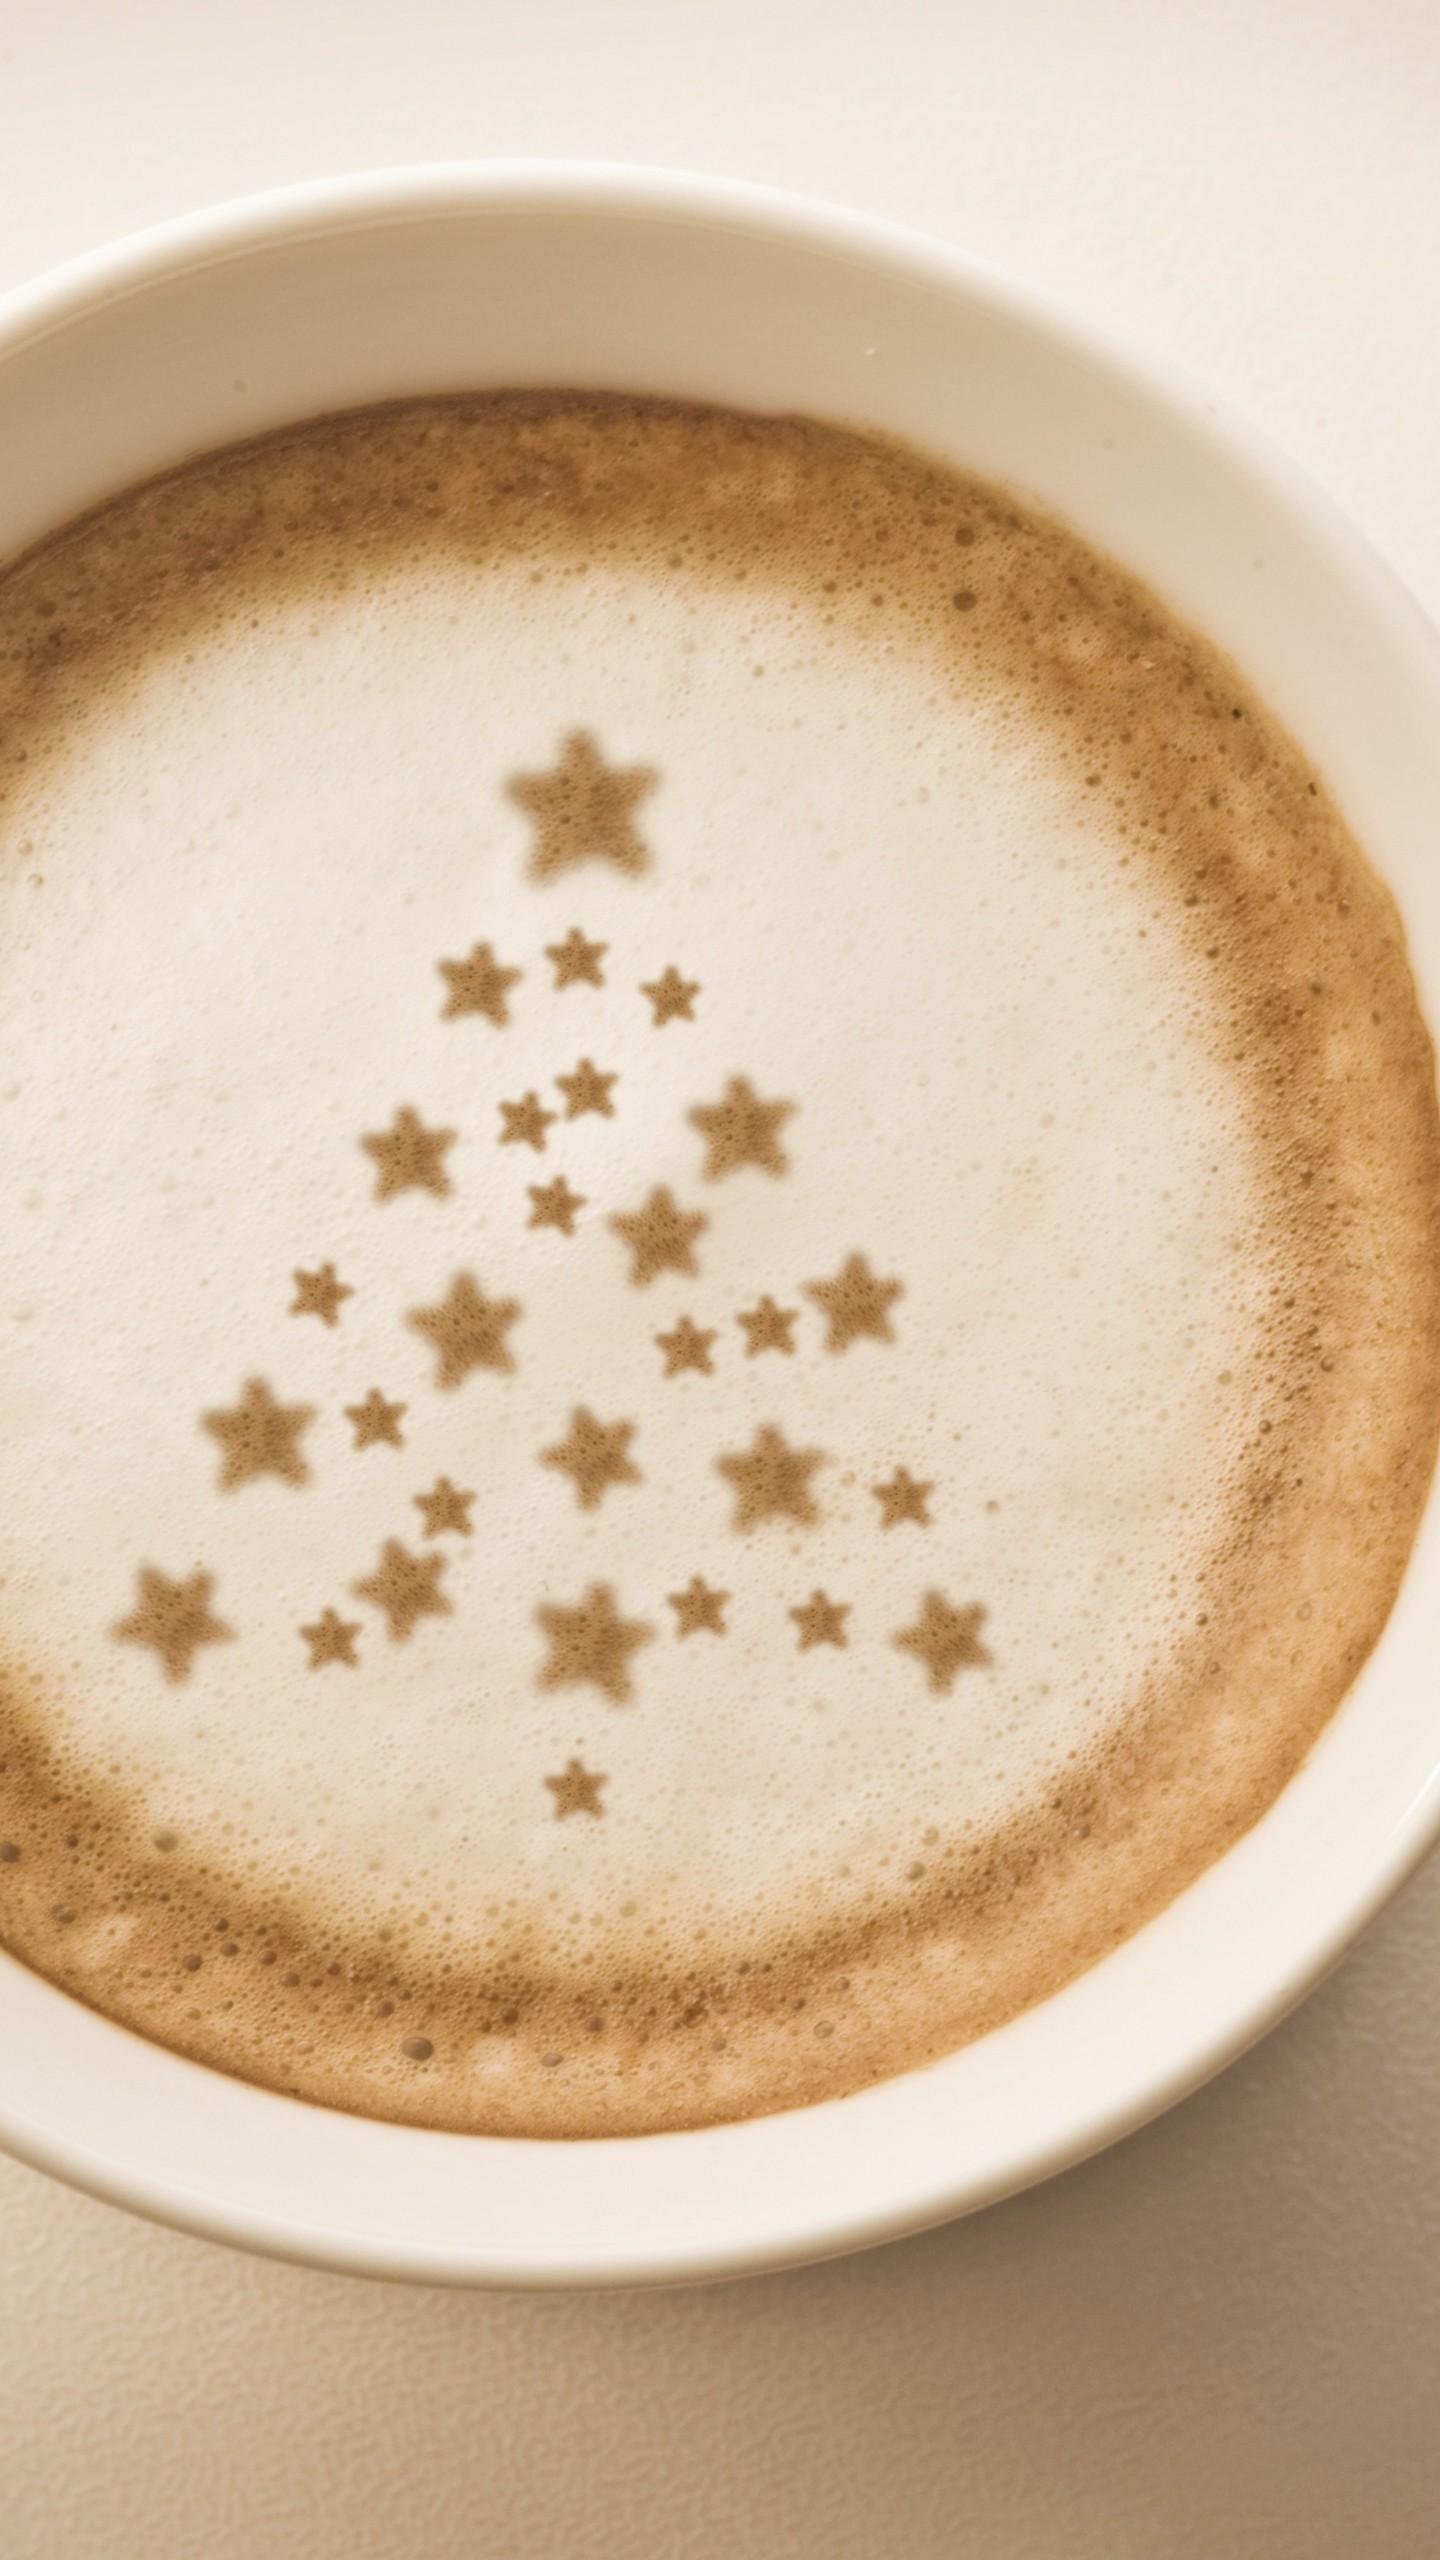 عکس زمینه ستاره ها بر روی فنجان قهوه پس زمینه